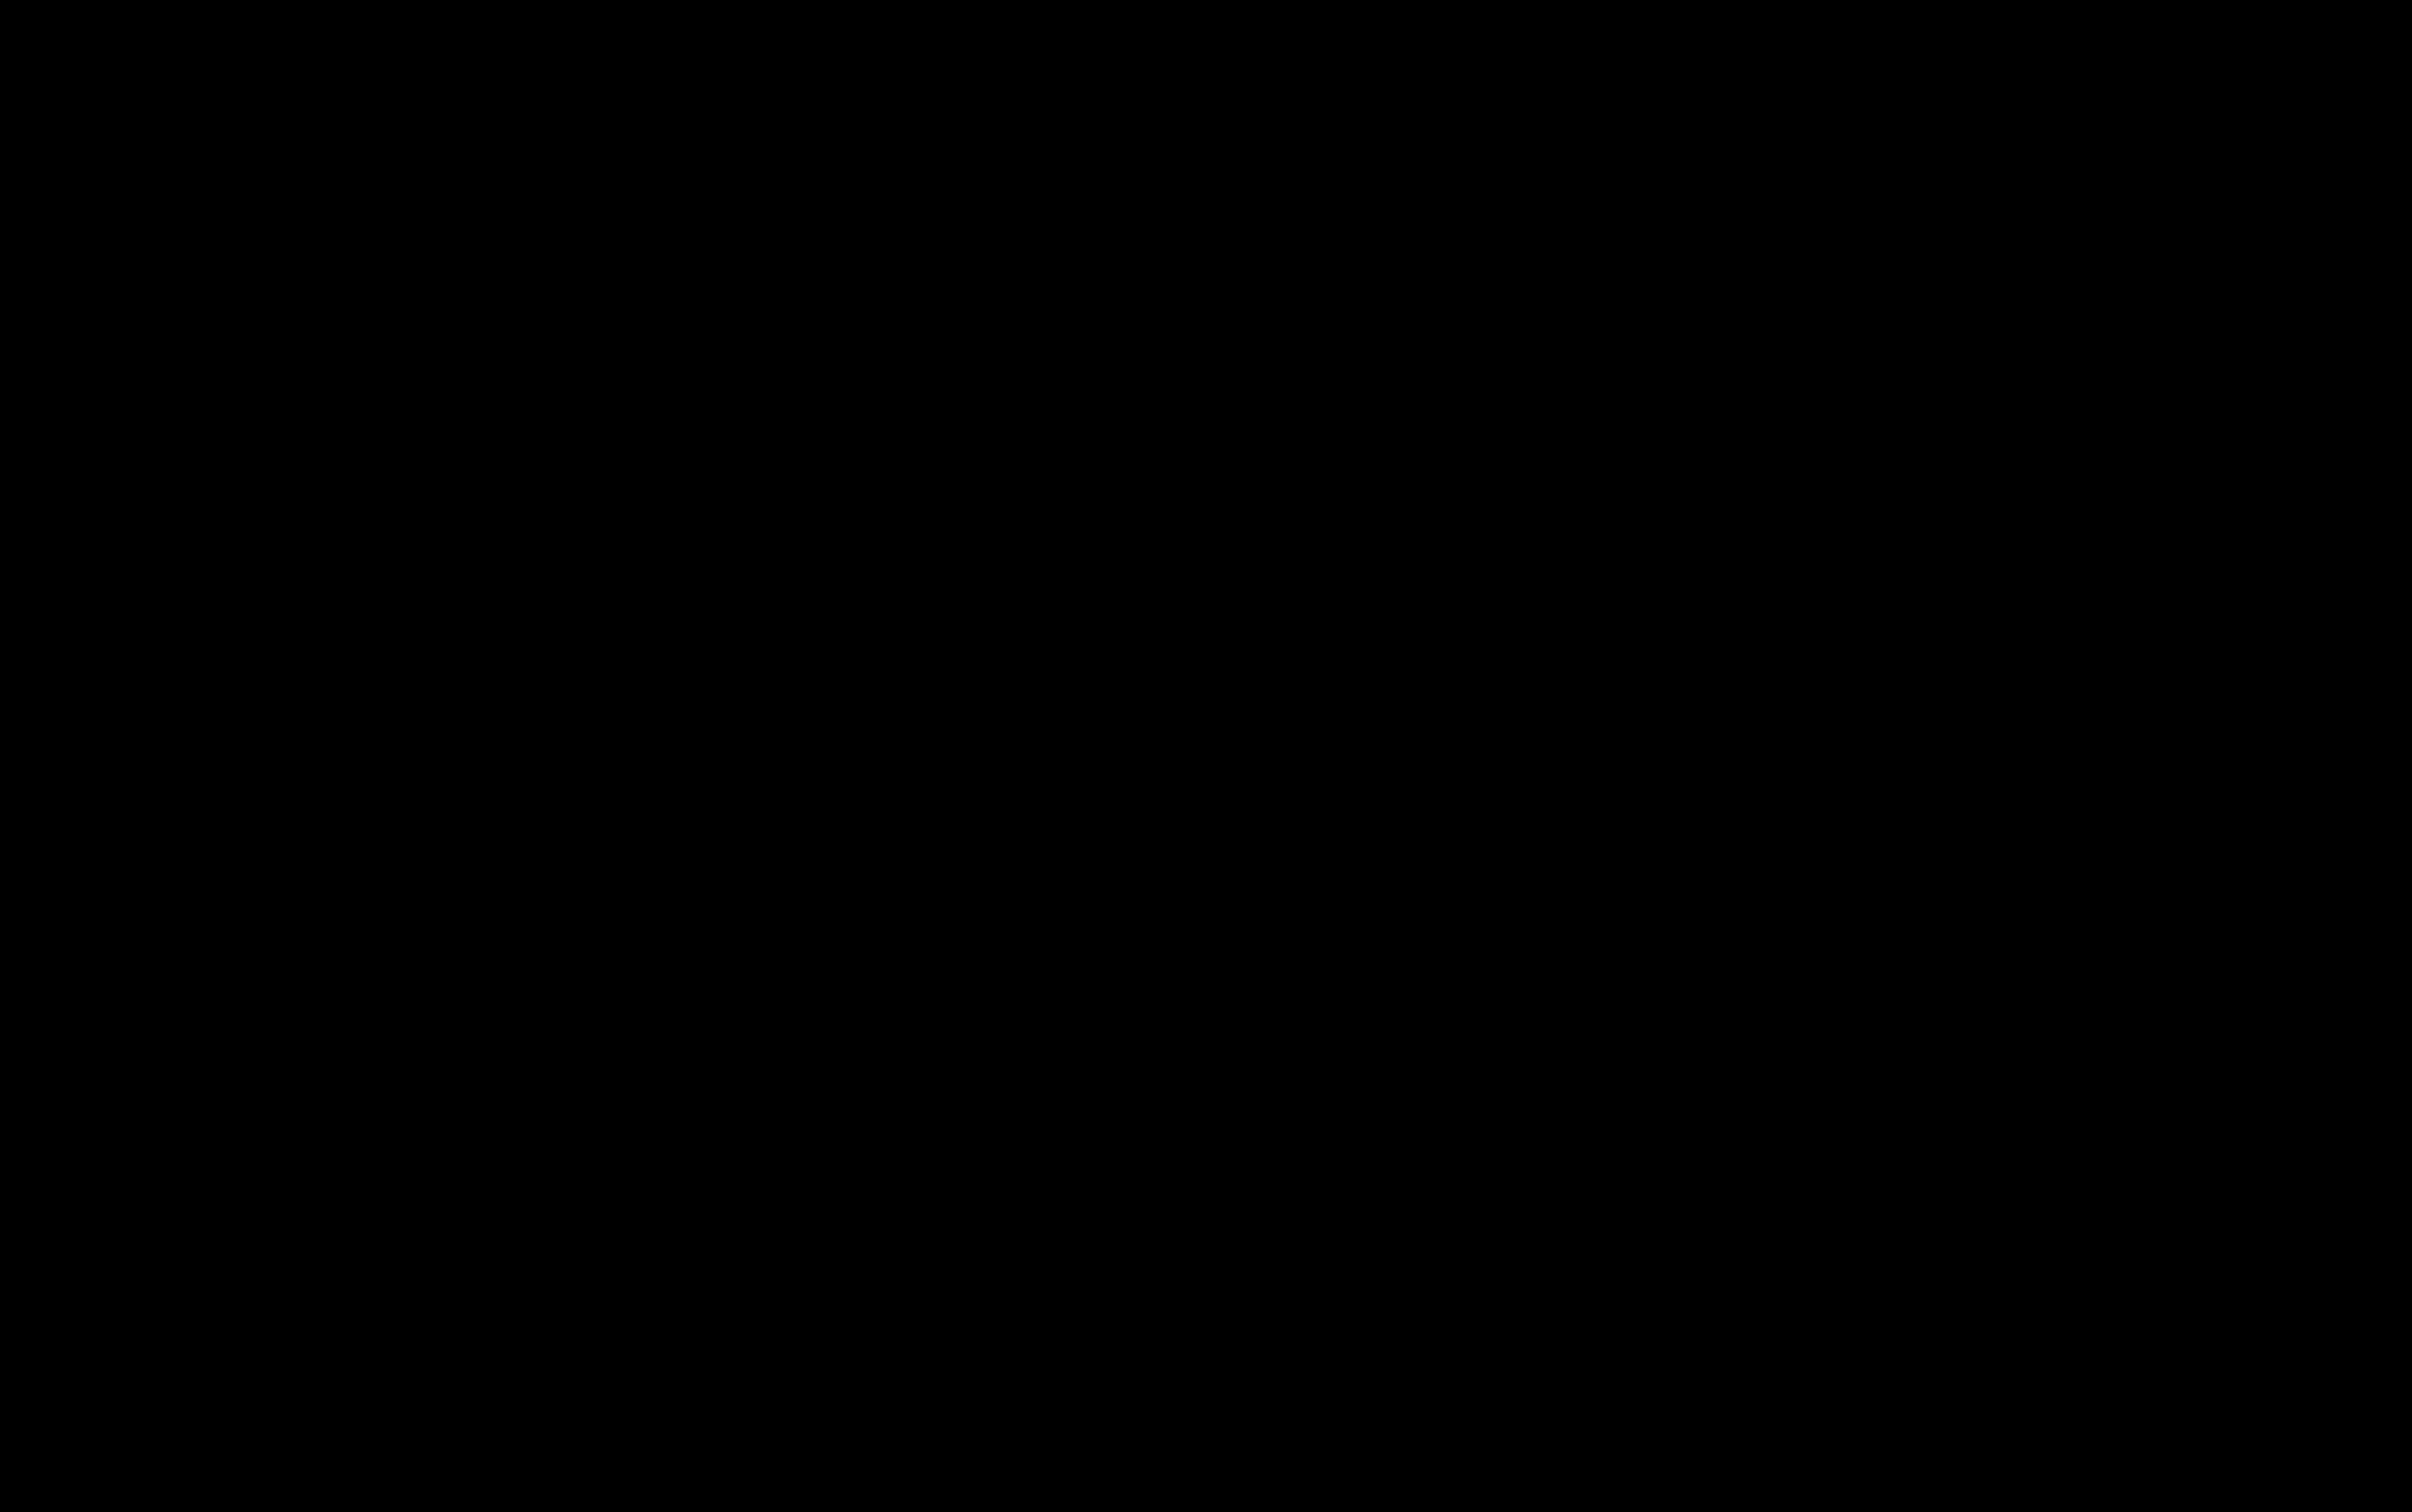 GALLETAS DE CHOCOCHIPS